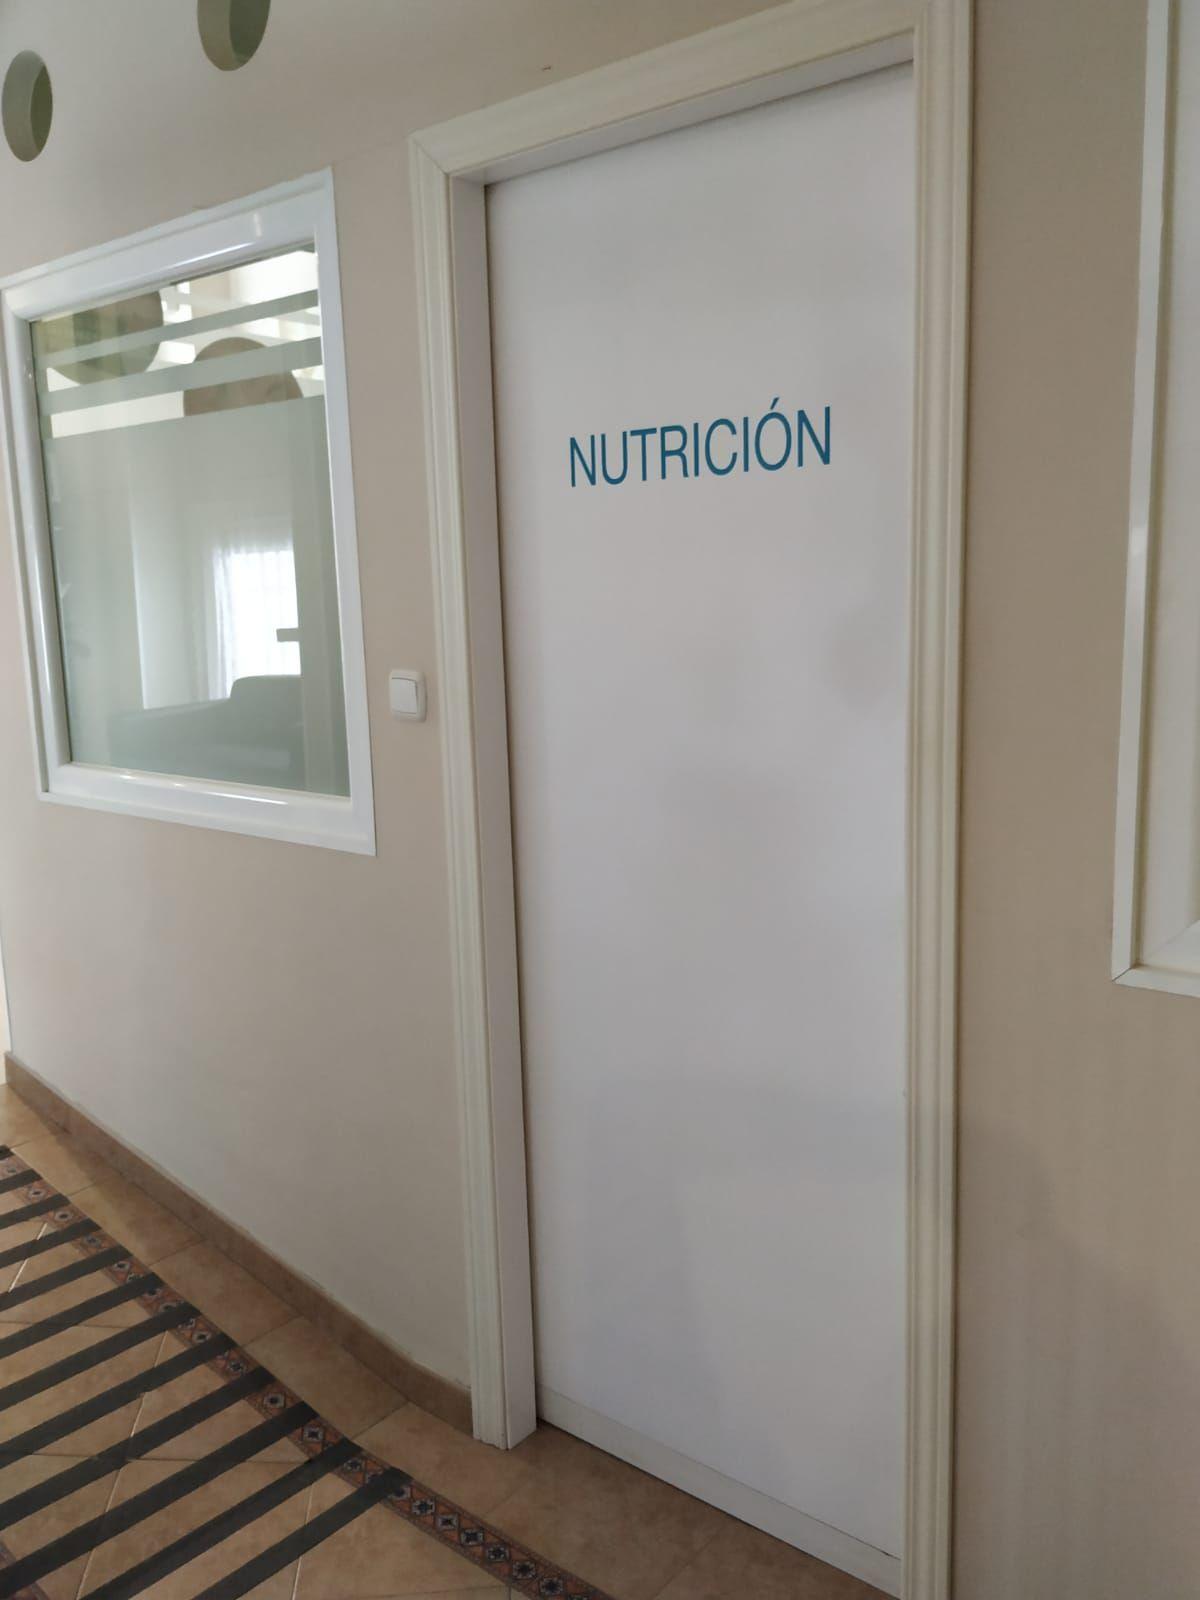 Foto 62 de Centro de bienestar y salud en Antequera | Centro Bienestar y Salud Cayma